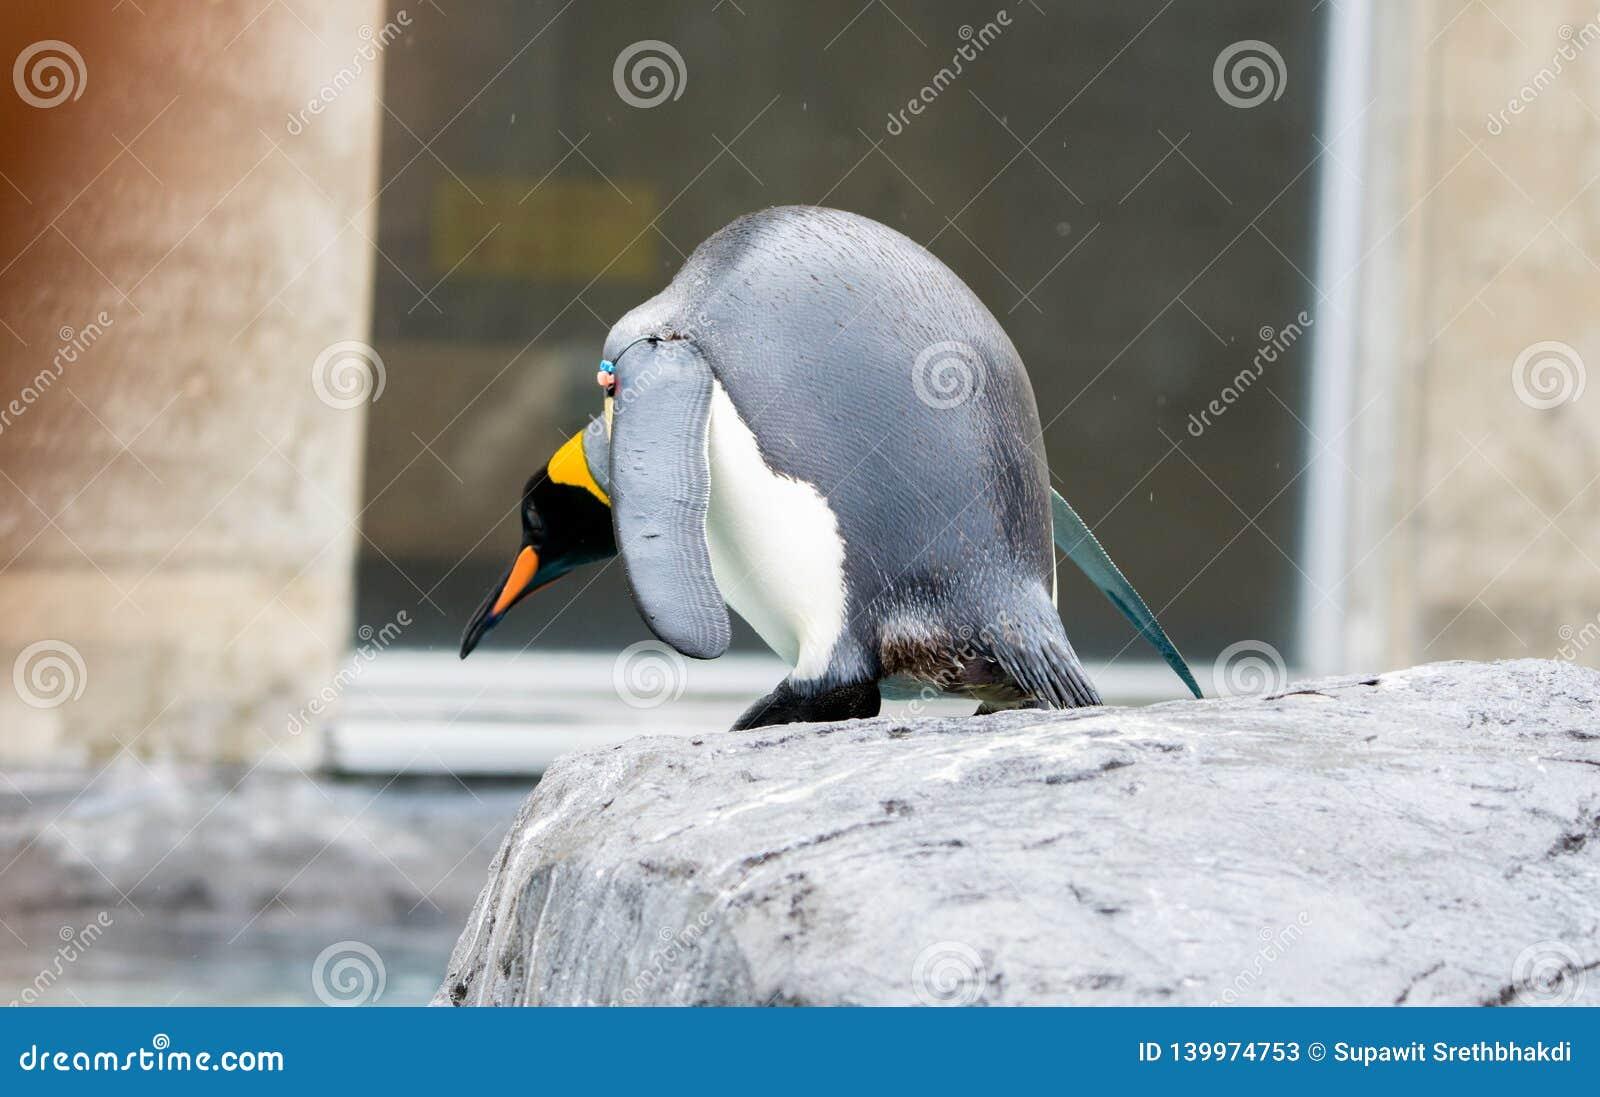 Patagonicus du Roi Penguin Aptenodytes prêt à sauter dans l eau